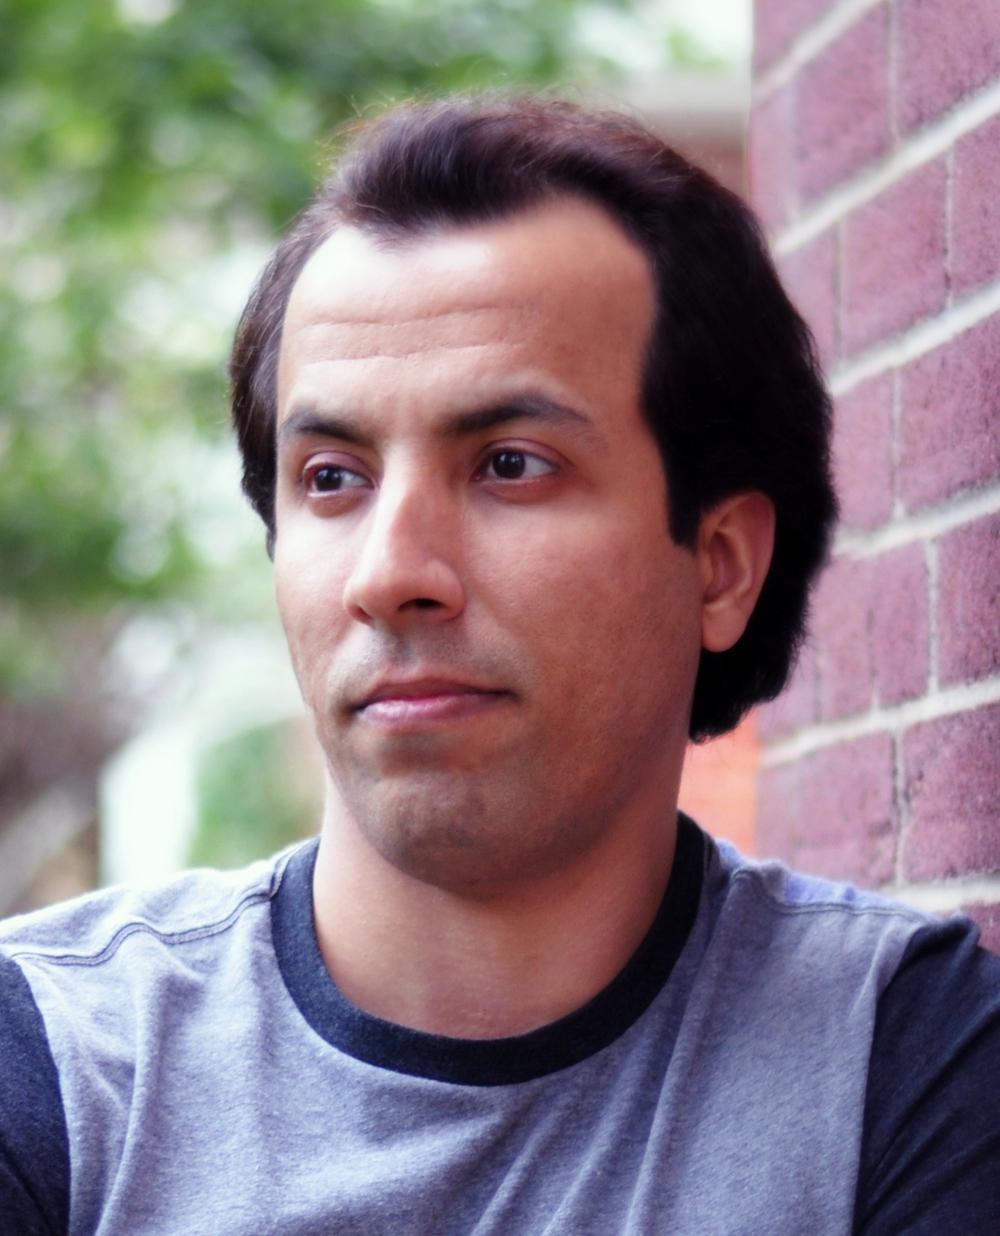 Amir al-Azraki